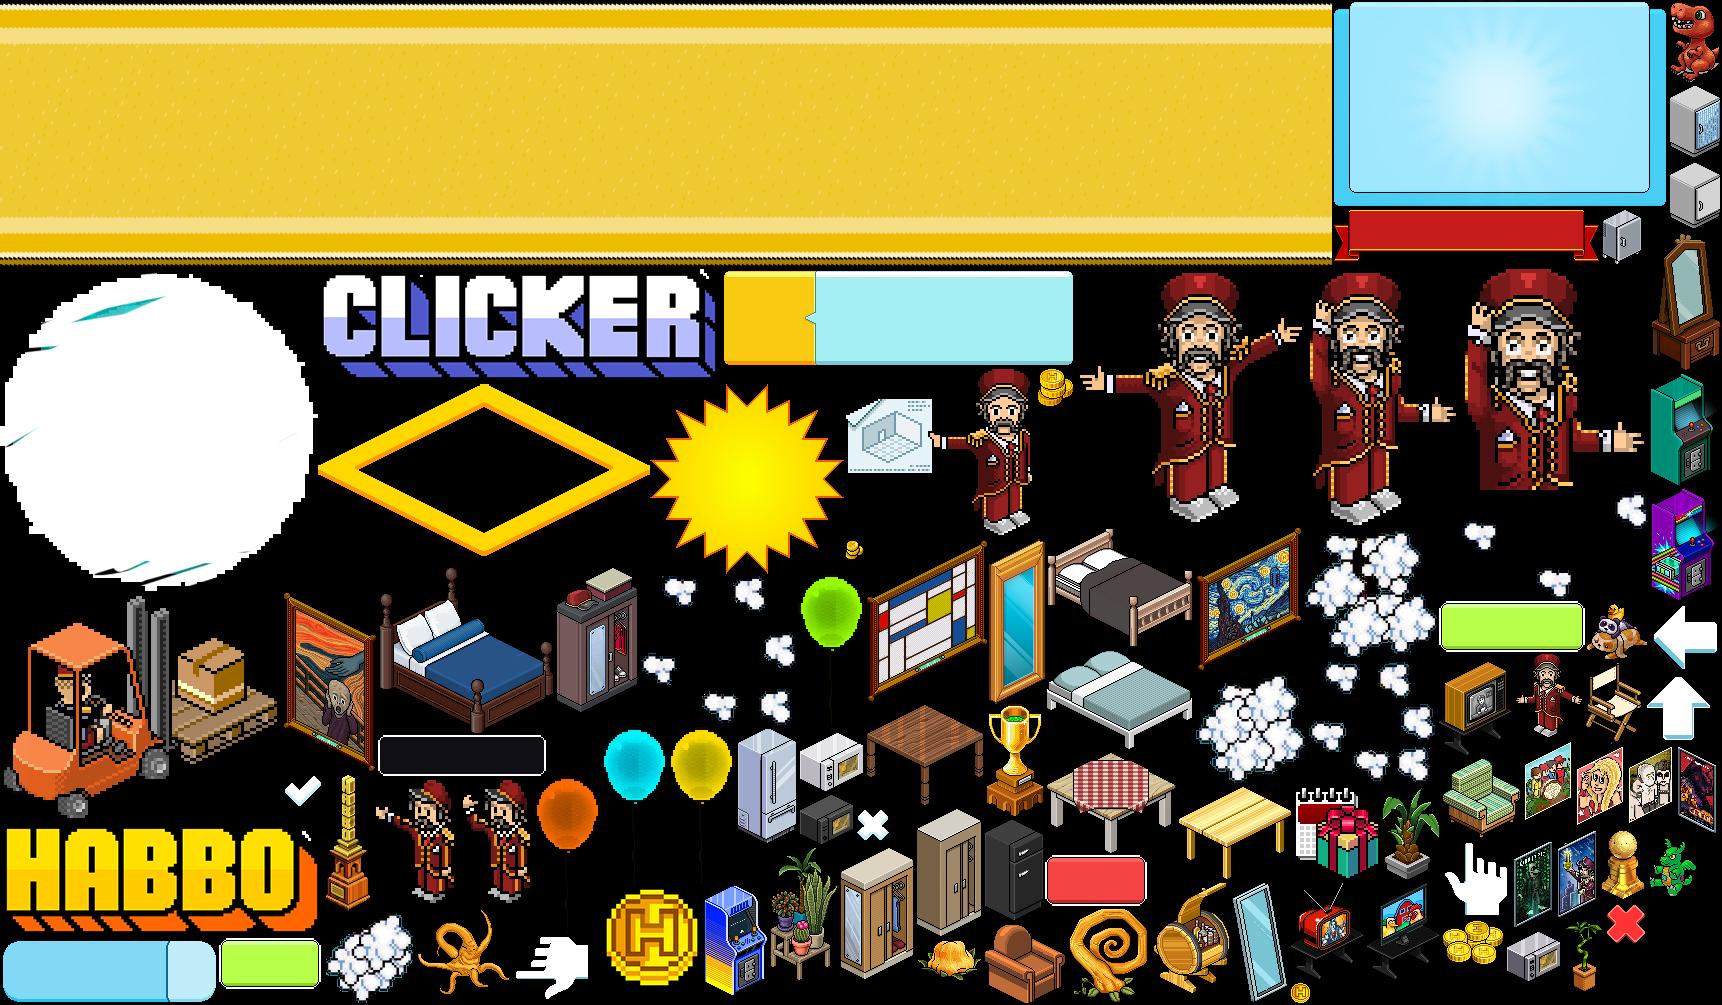 """Prova il nuovo gioco """"Habbo Clicker"""" in HTML5 - Pagina 6 Atlas_13"""